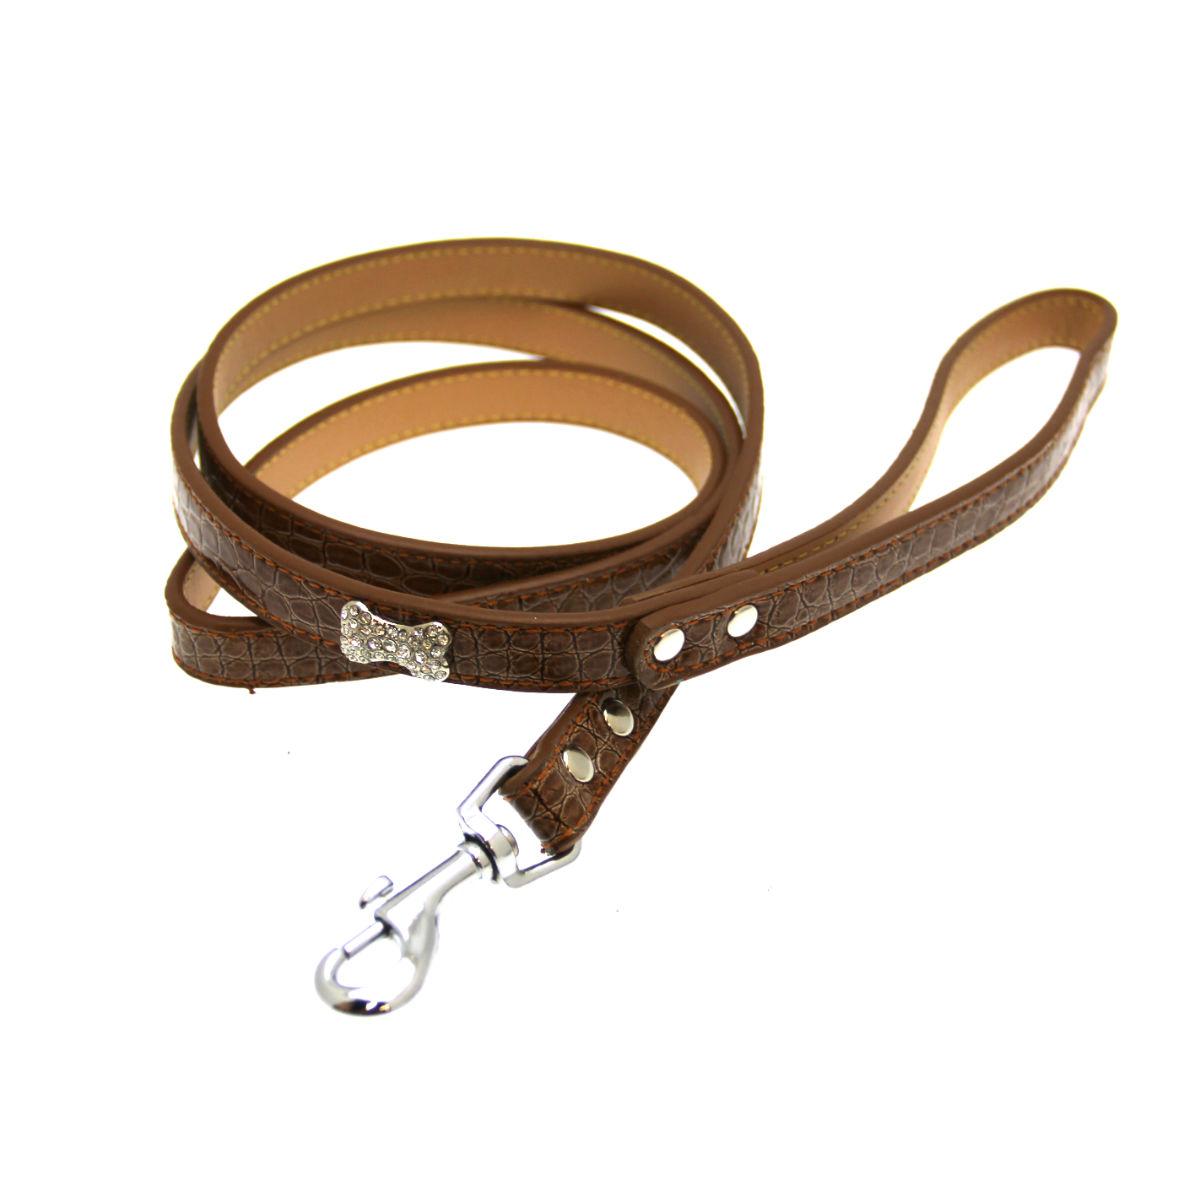 Crystal Bone Leather Dog Leash - Tan